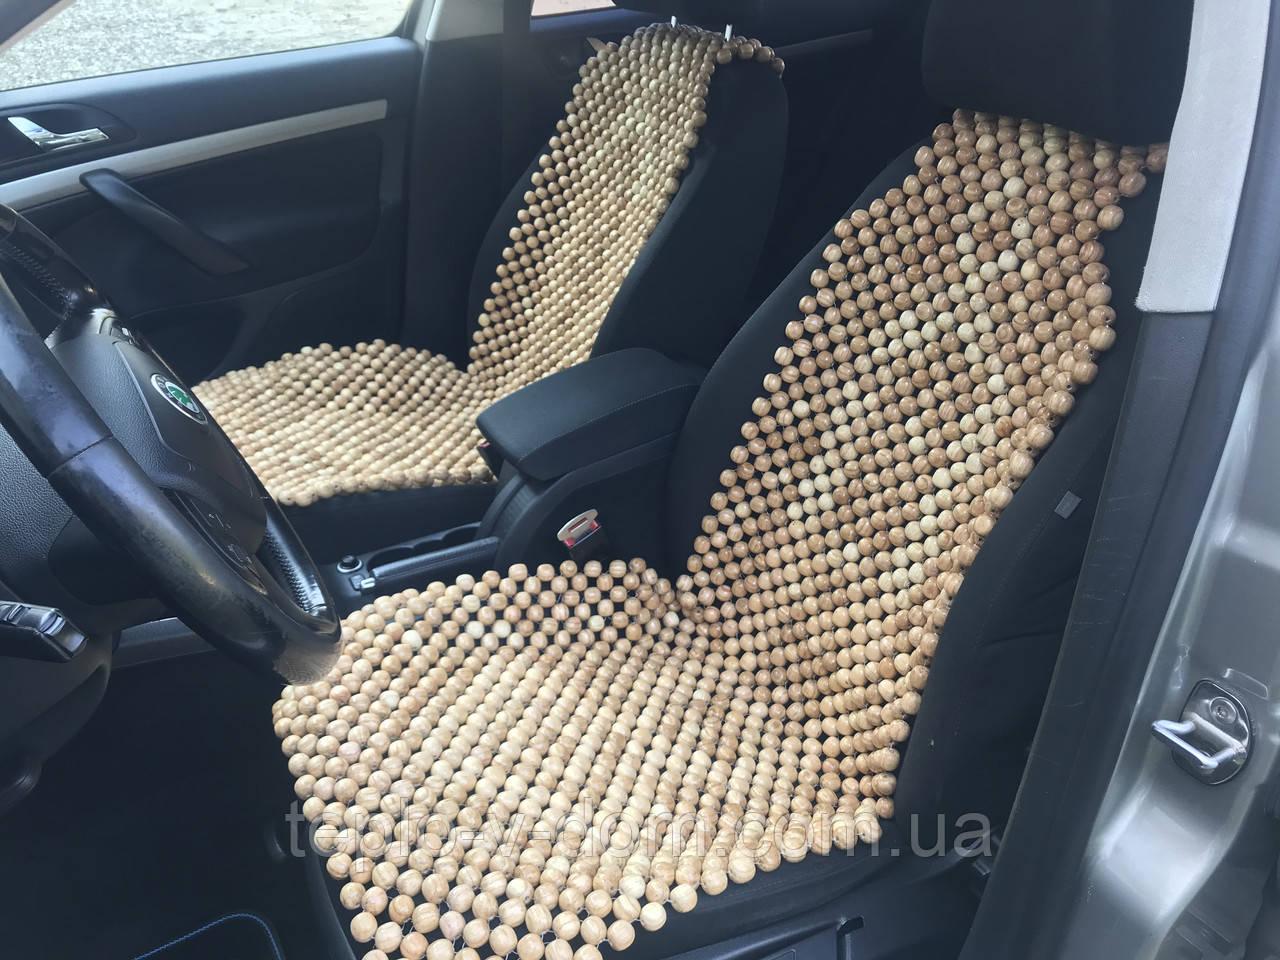 Автомобильная деревянная накидка массажер бош вакуумный упаковщик